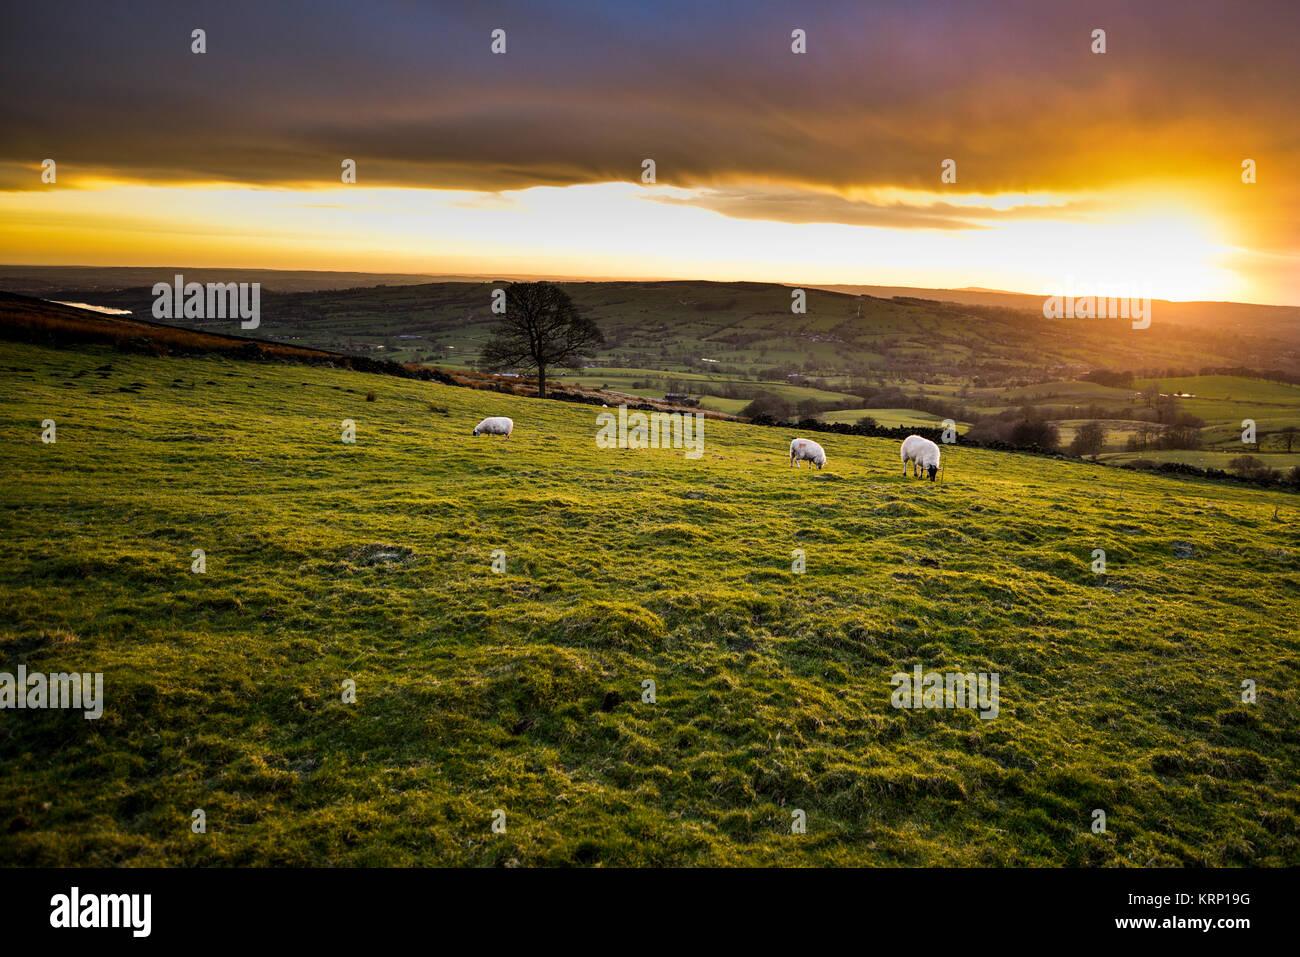 Schafe weiden bei Sonnenuntergang, mit Tittiesworth Behälter in der Ferne, die Kakerlaken/Henne Cloud Landschaft, Stockbild